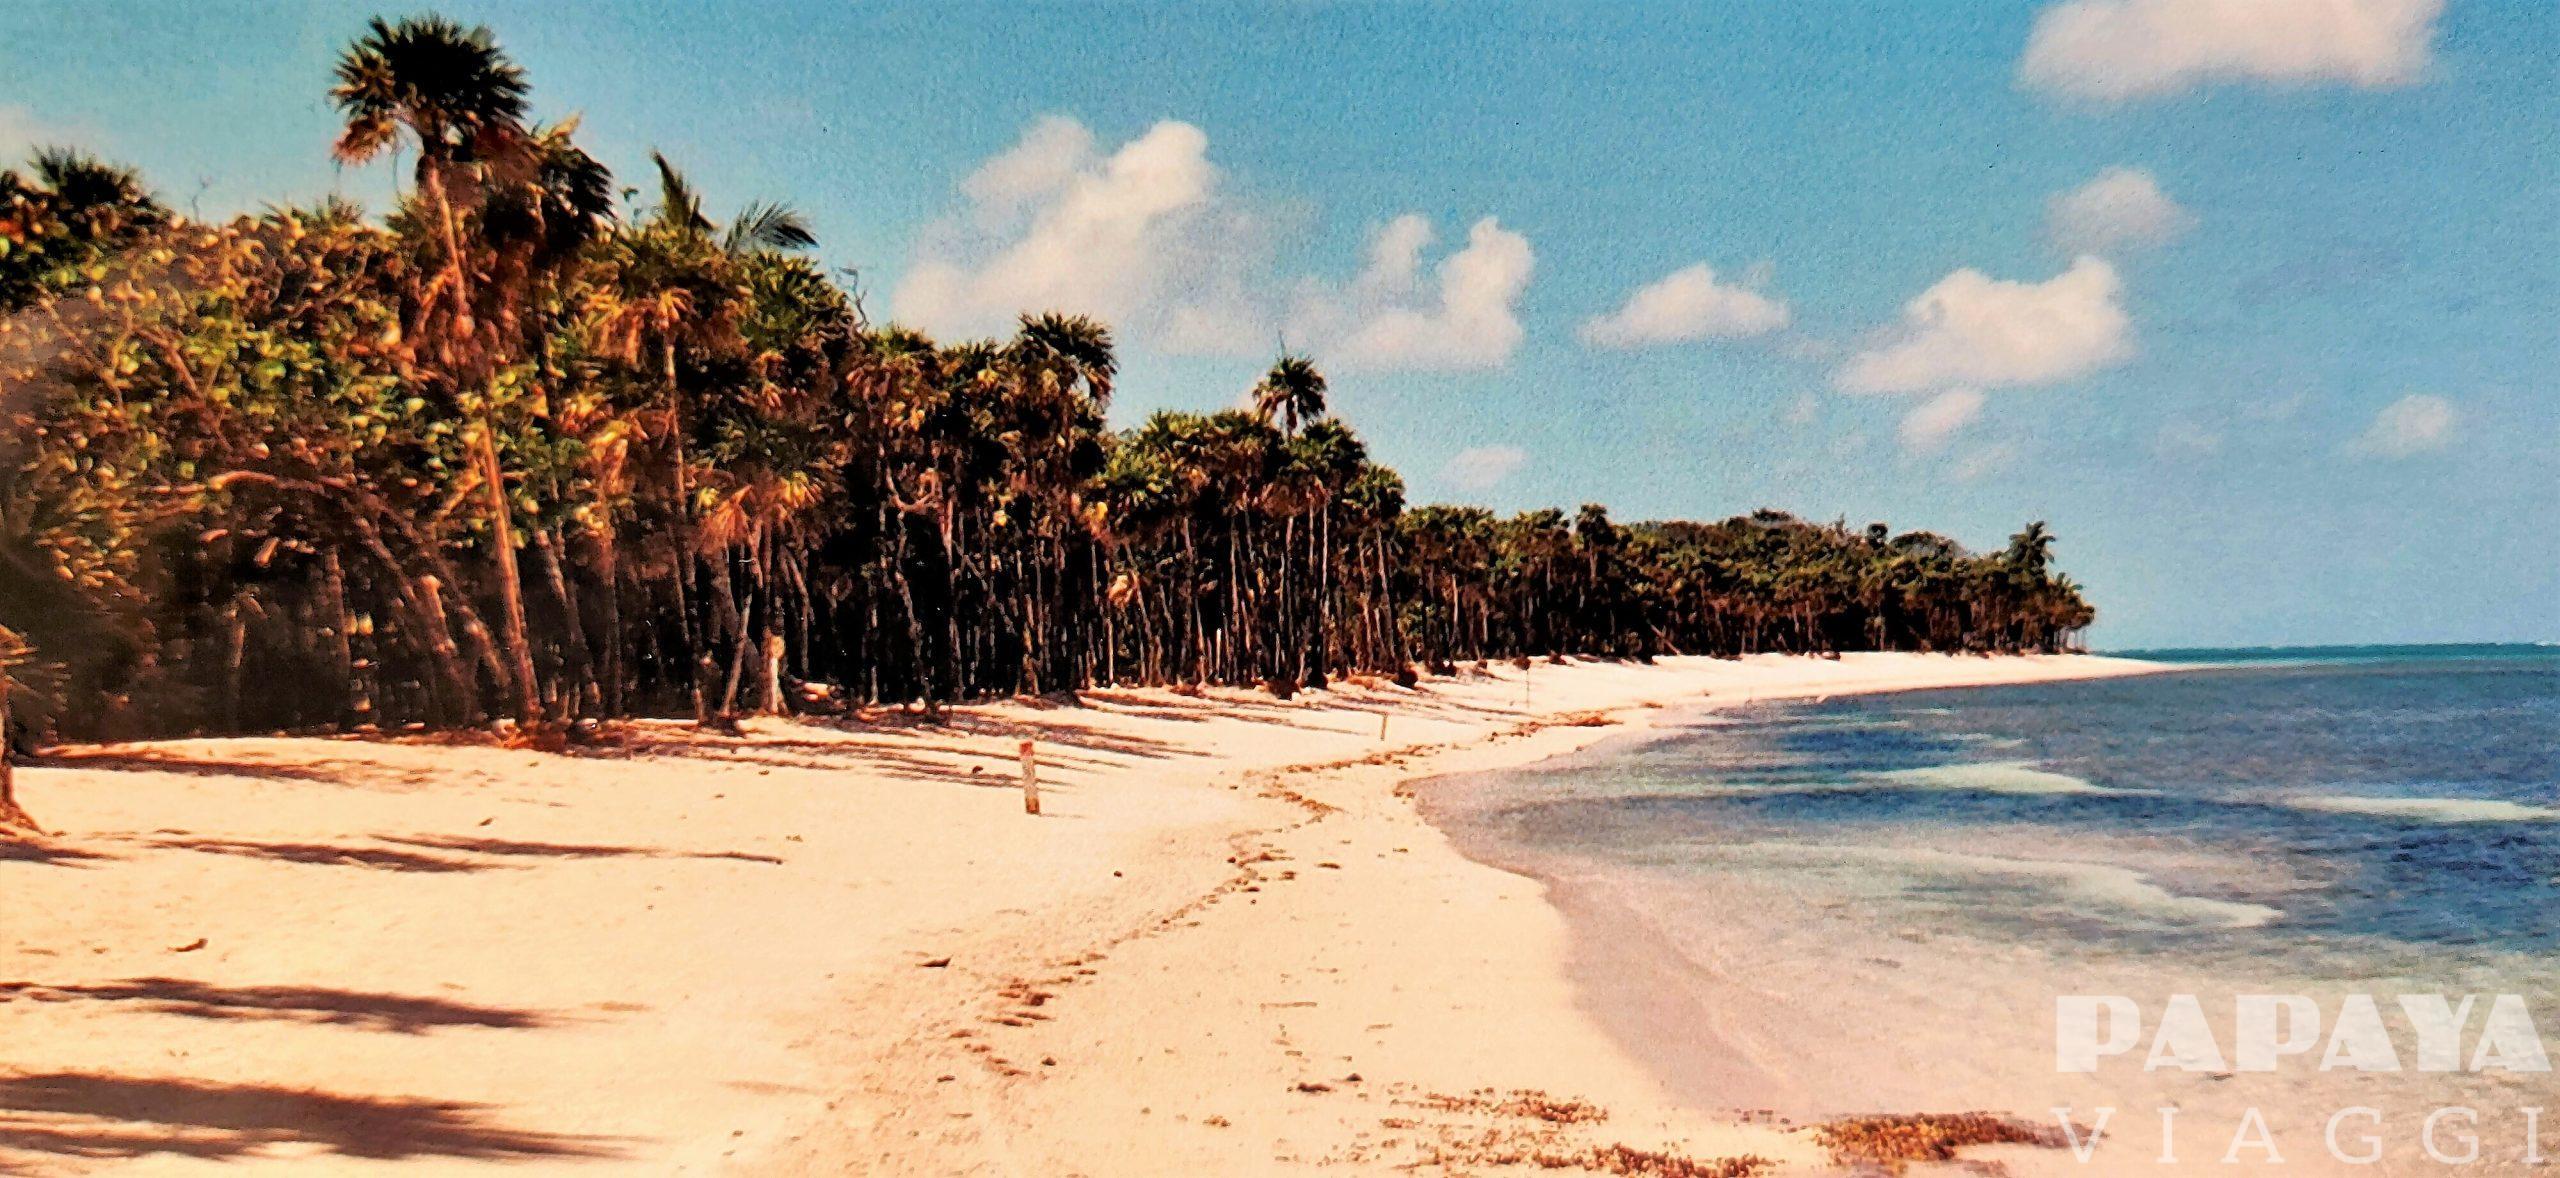 Roatan, il Caribe sconosciuto